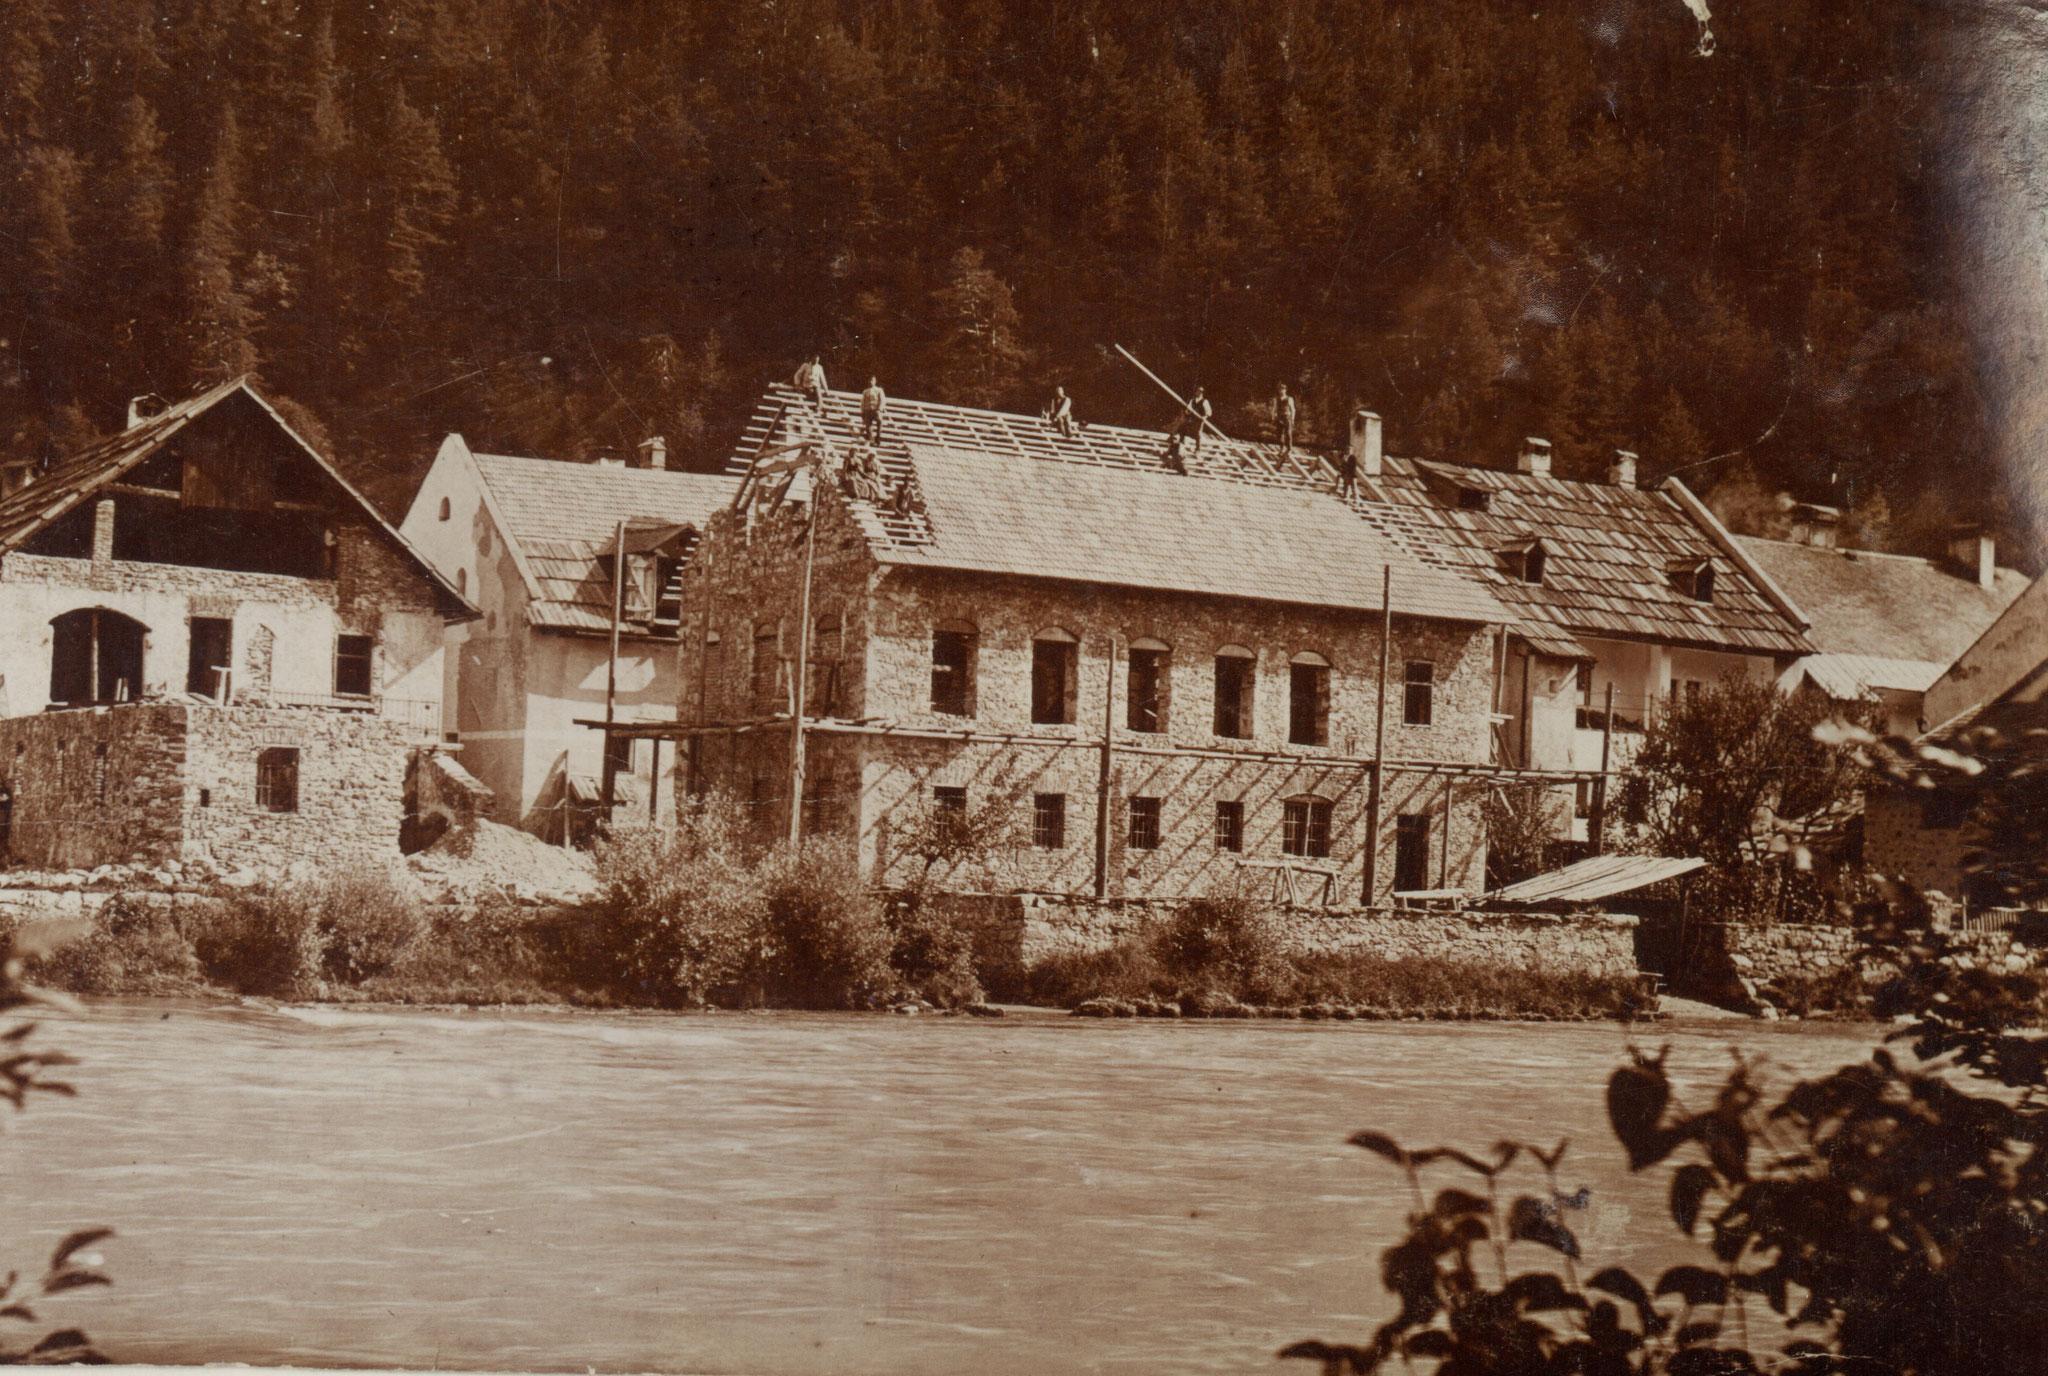 Bau des Gebäudes, wahrscheinlich im Jahr 1906